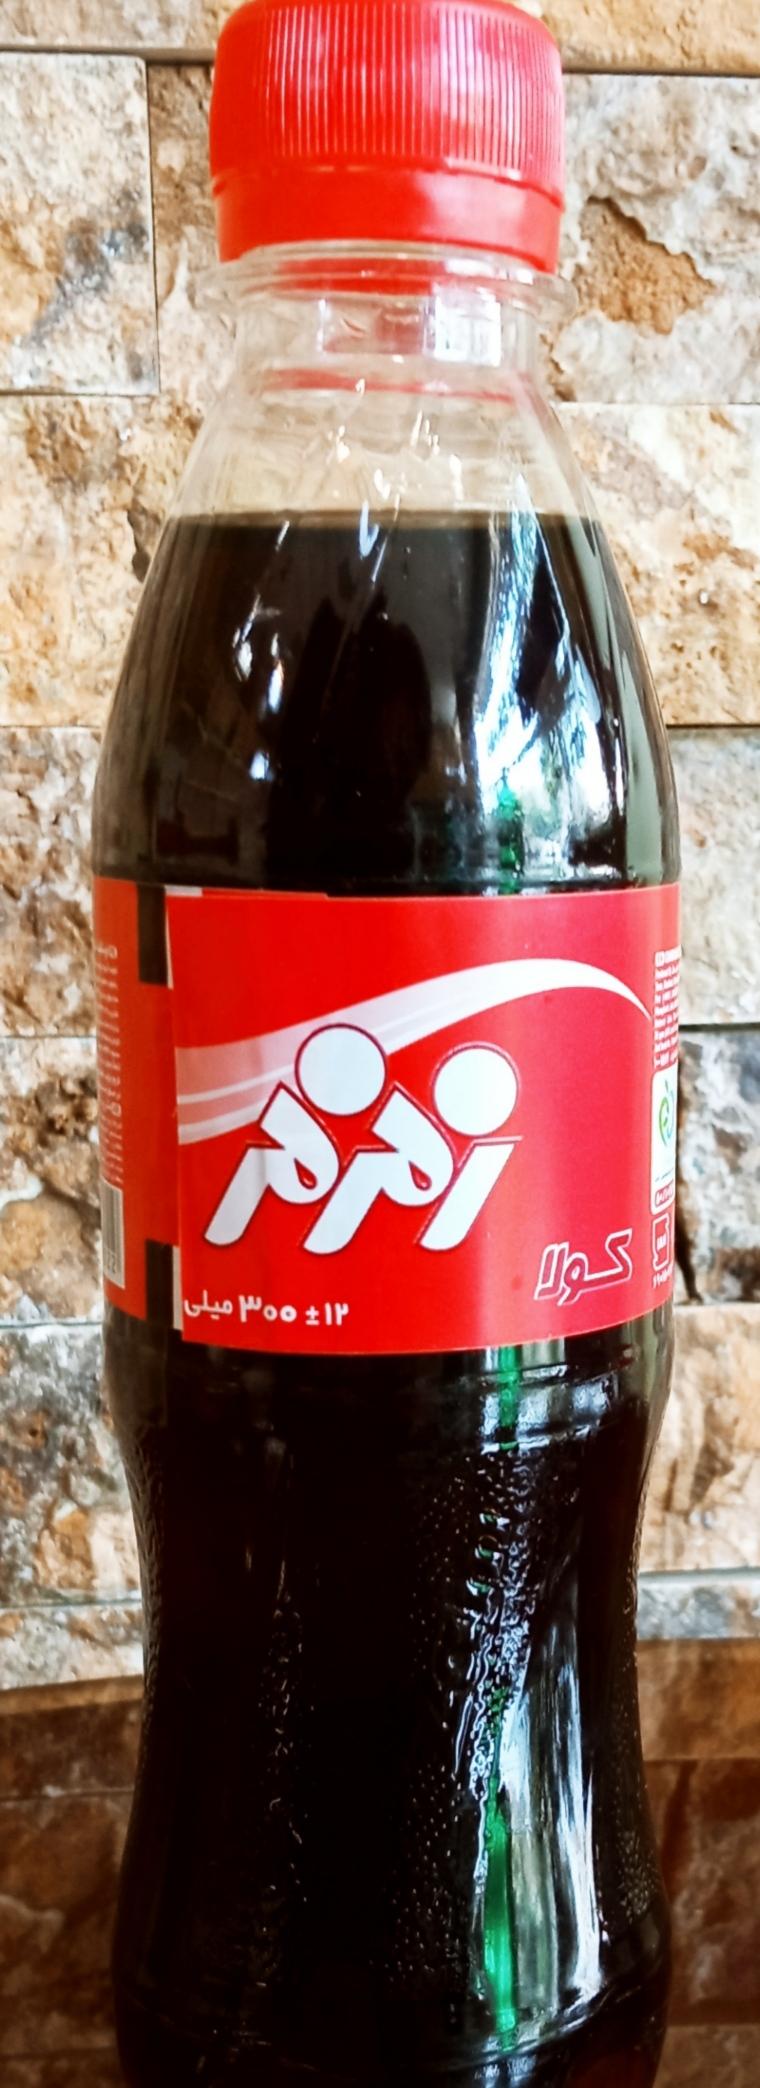 نوشابه بطری زمزم مشکی